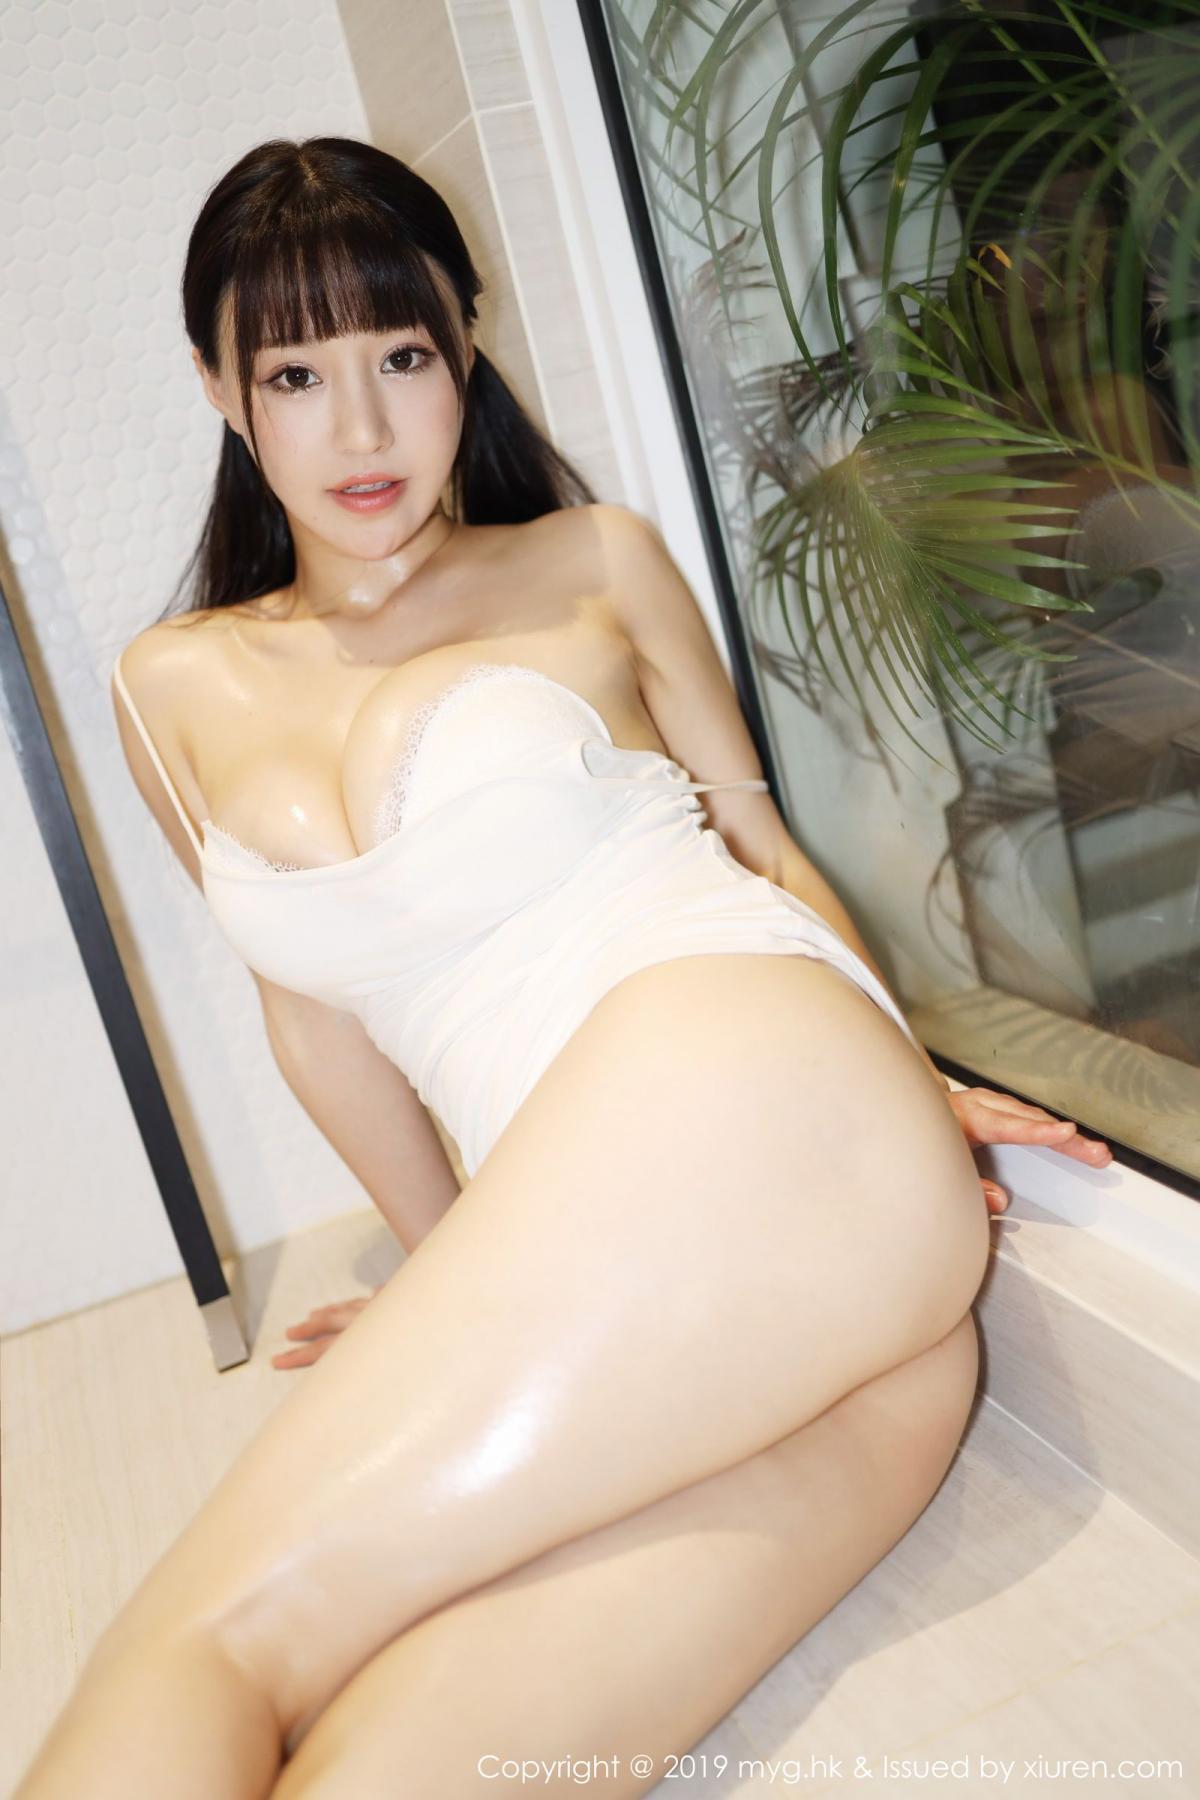 [MyGirl] Vol.367 Zhu Ke Er 48P, mygirl, Zhu Ke Er